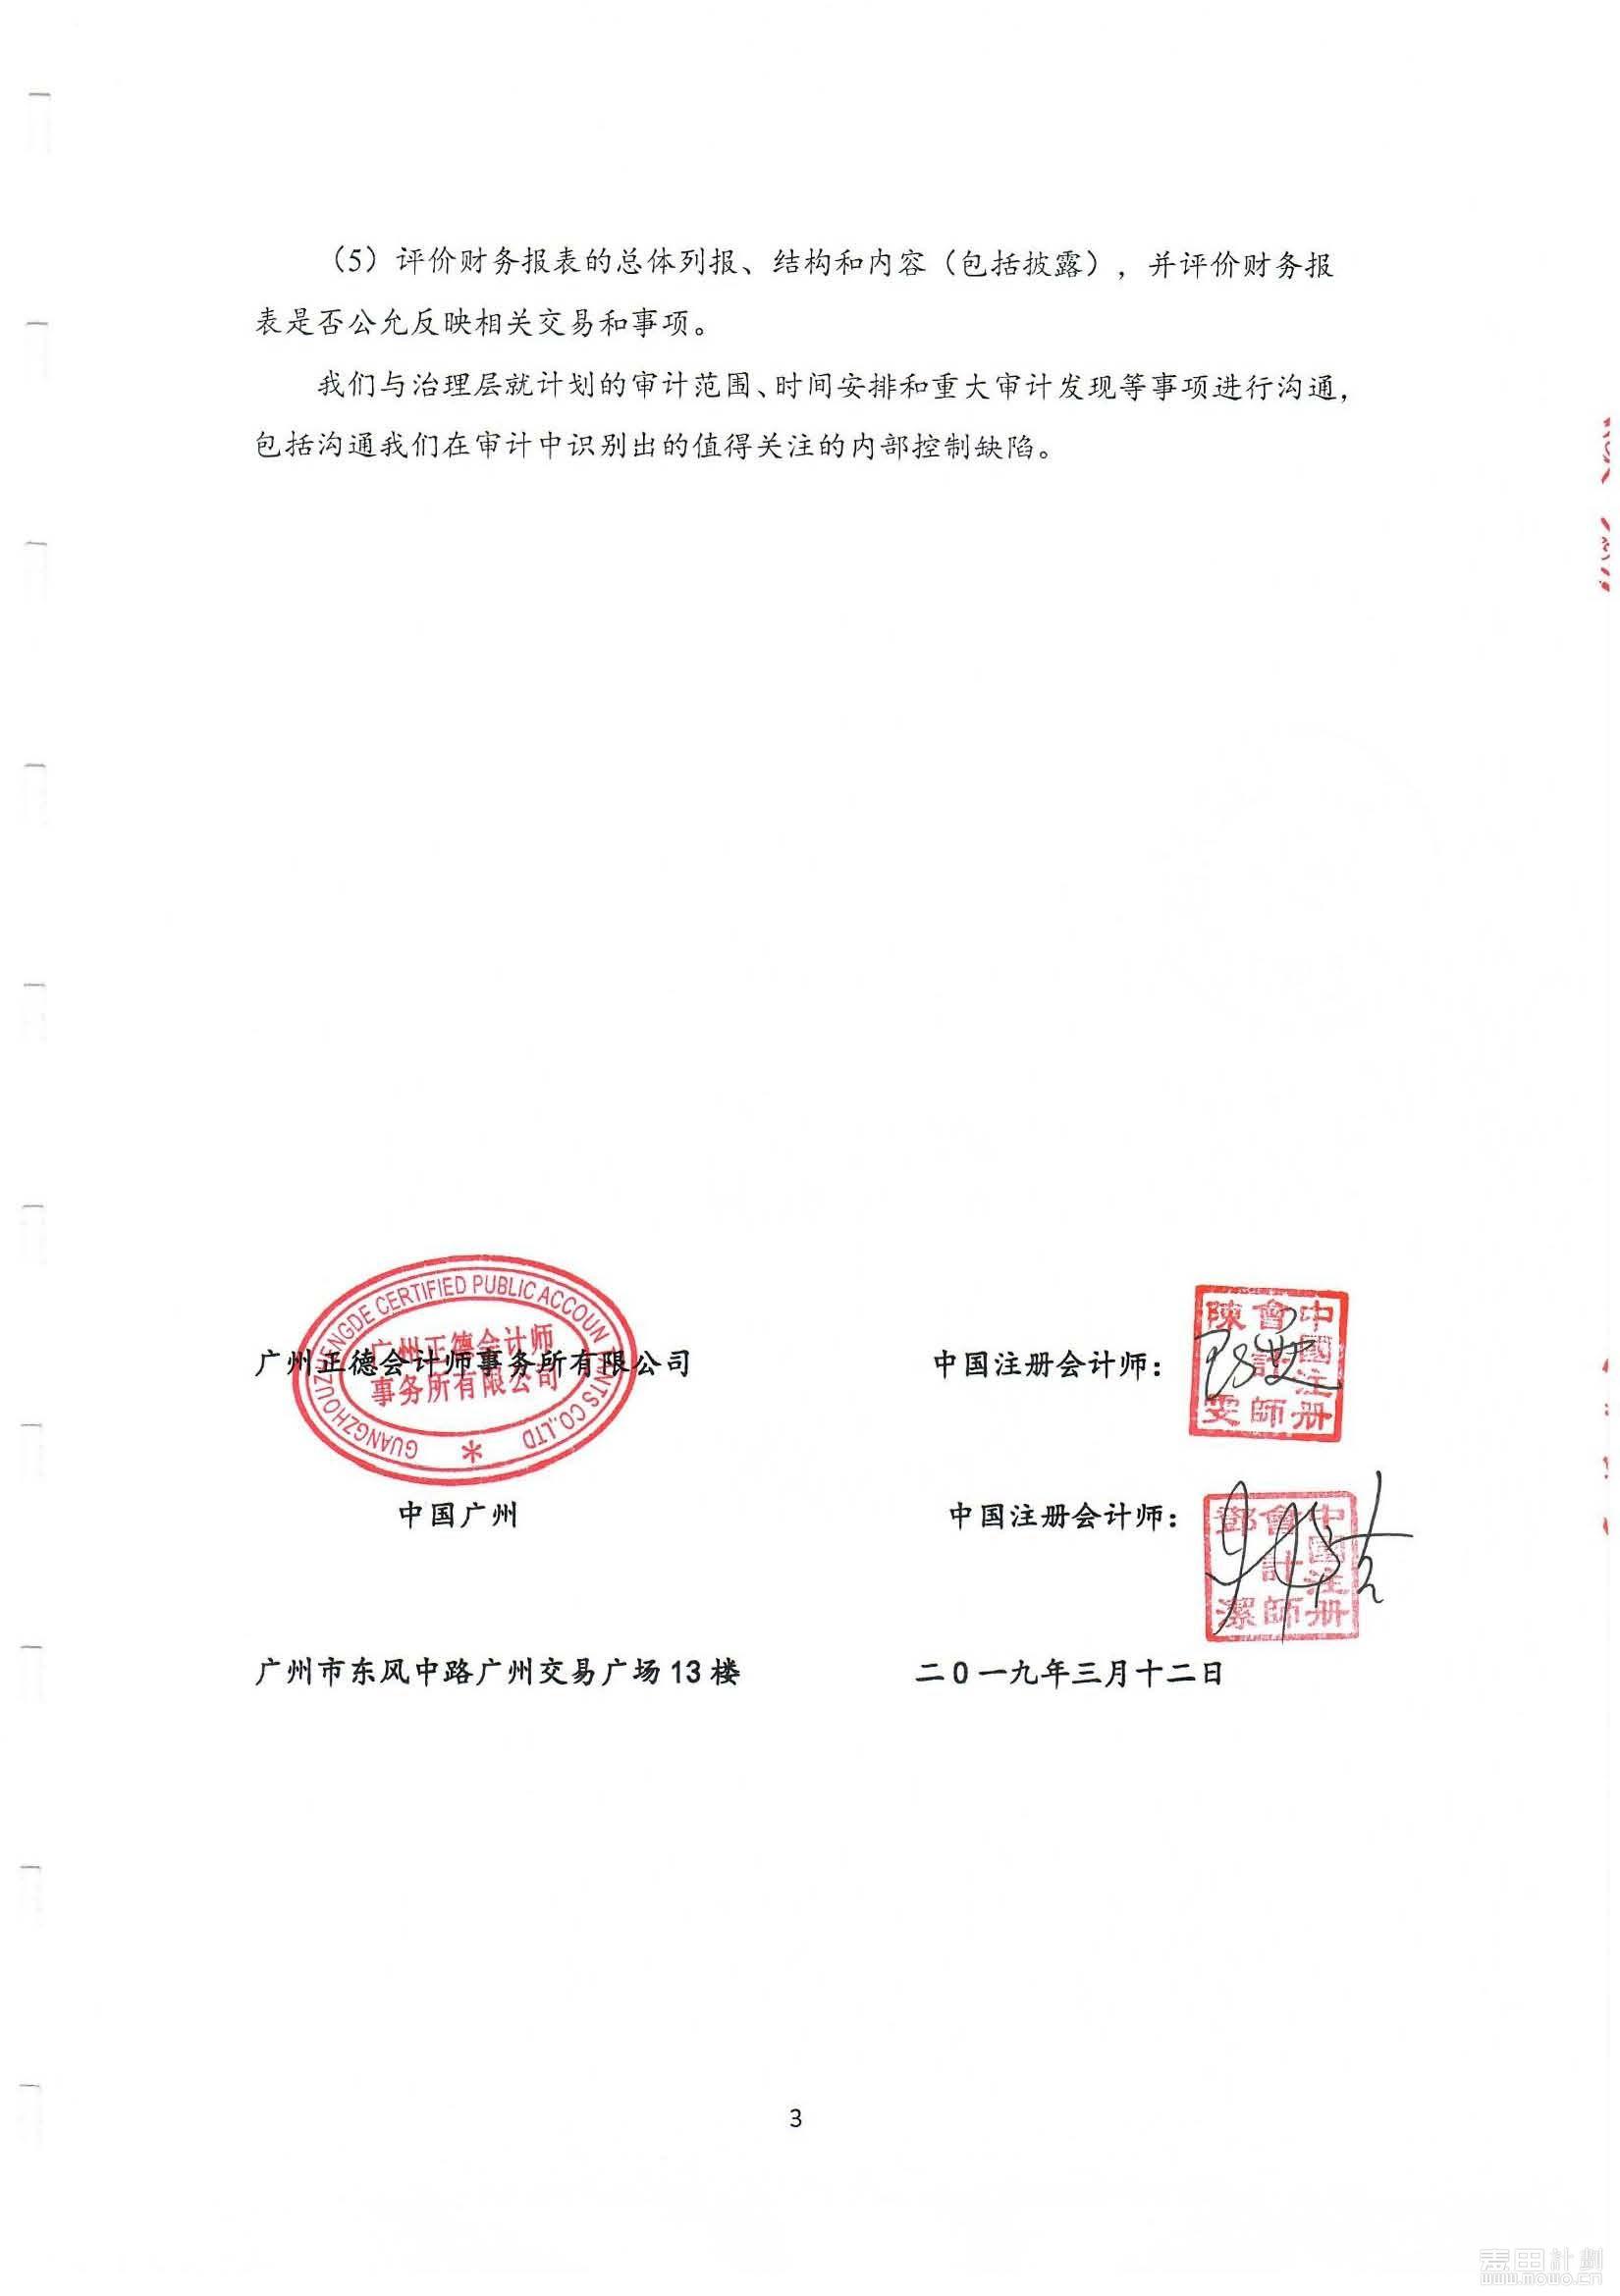 2018年麦田审计报告_页面_05.jpg